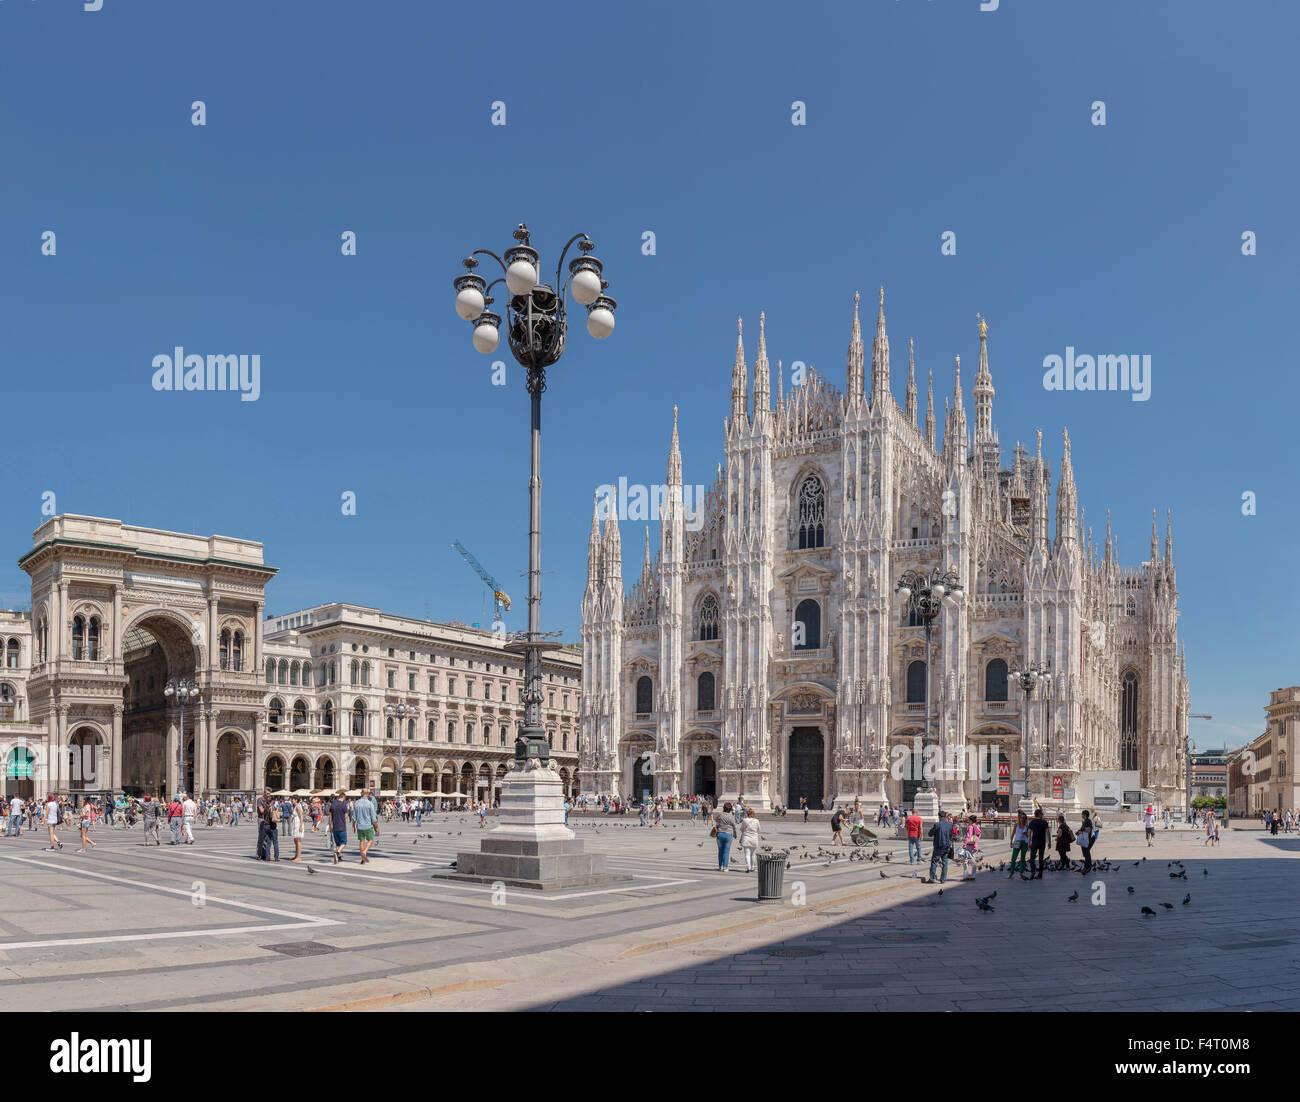 Italy, Europe, Milano, Lombardy, Piazza del Duomo, Duomo di Milano, dome, church, Galleria Vittorio Emanuele II, - Stock Image